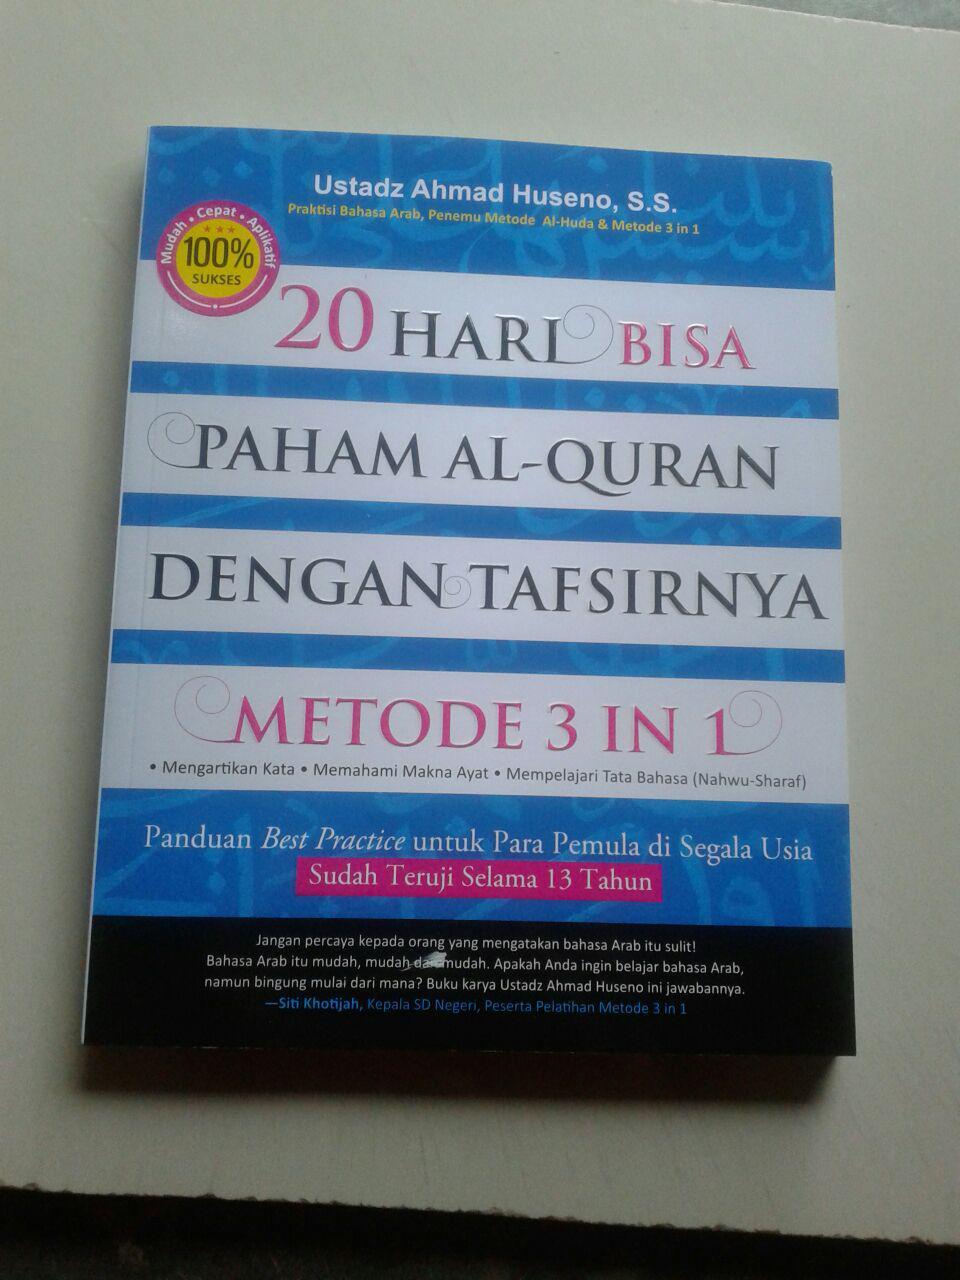 Jual Buku 20 Hari Bisa Paham Al-Quran Dengan Tafsirnya Metode 3 IN 1 - Kota Yogyakarta - Toko Muslim Bantul | Tokopedia